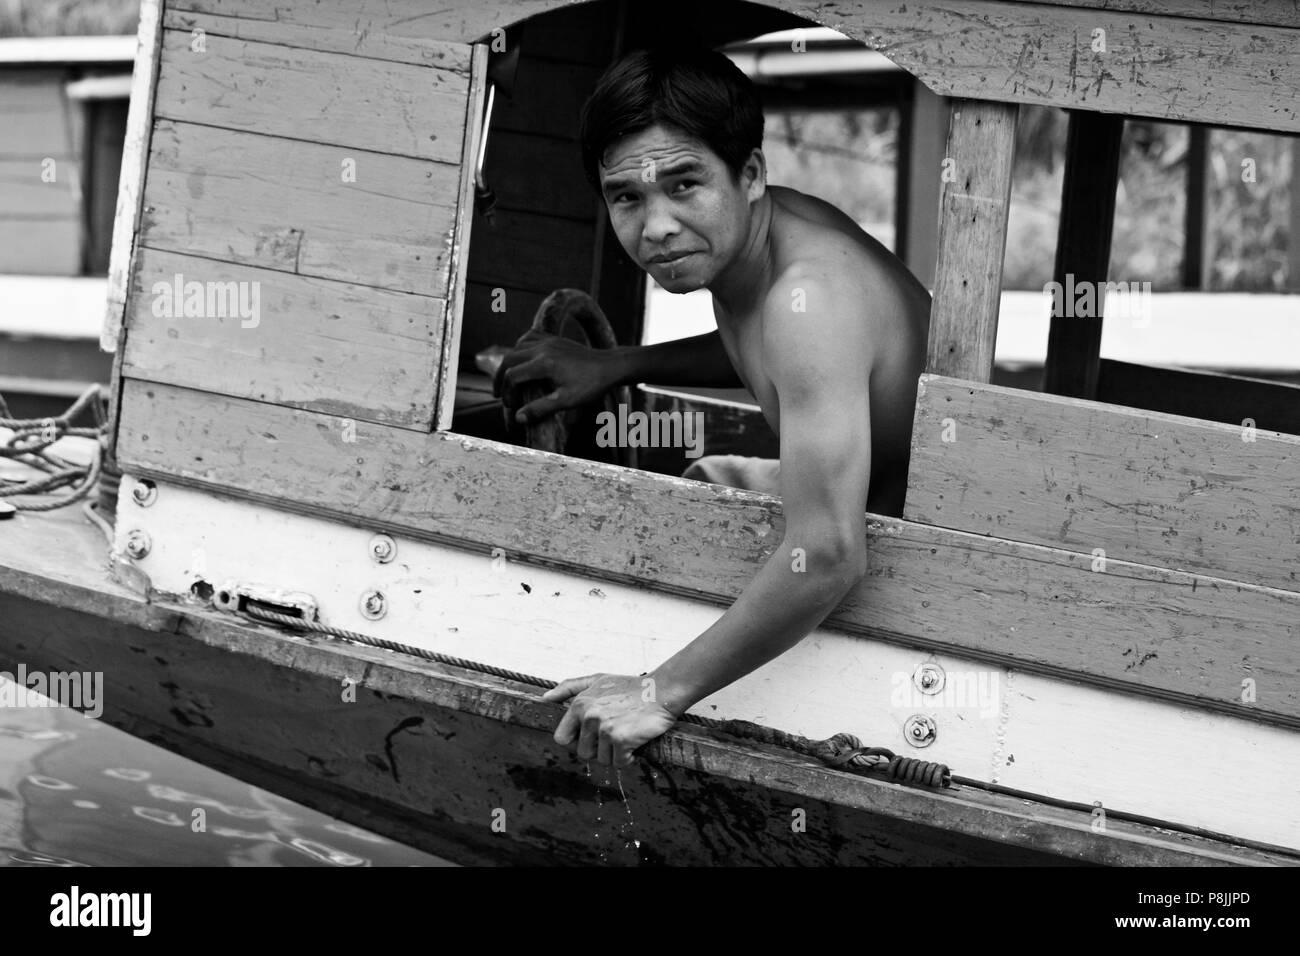 LAOTIAN man drives a boat on the MEKONG RIVER- LUANG PRABANG, LAOS - Stock Image